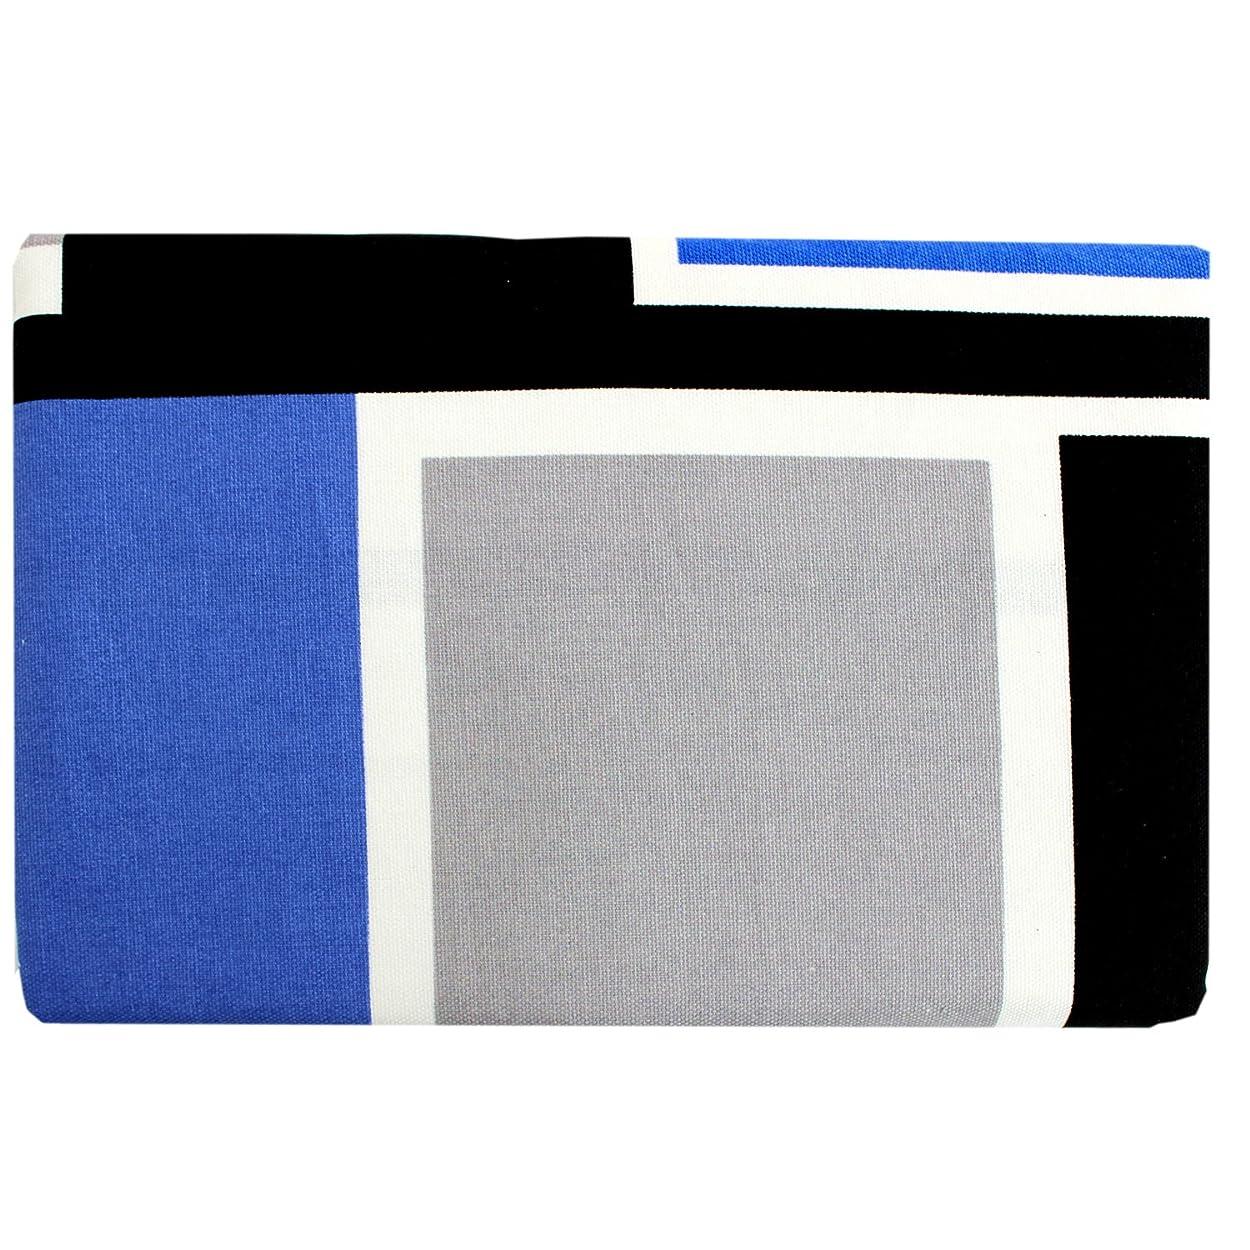 大宿泊祈りメリーナイト 綿100% 枕カバー 「スマート」 43×63cm ネイビー MN61050-72